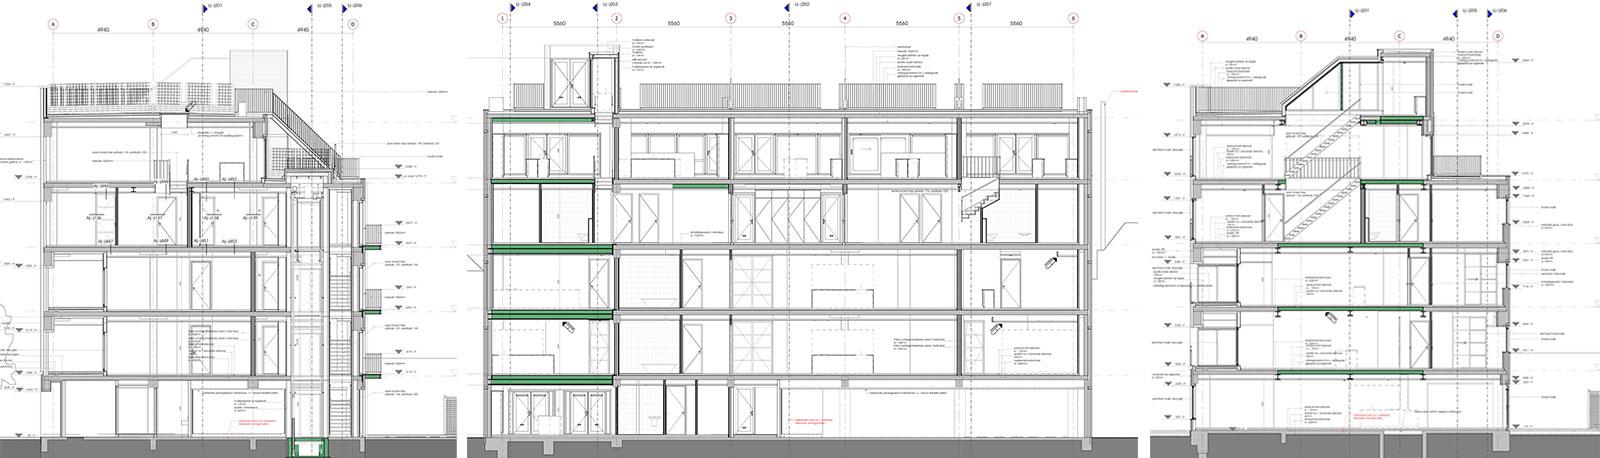 doorsneden - transformatie kantoor loftwoningen Noordsingel Rotterdam